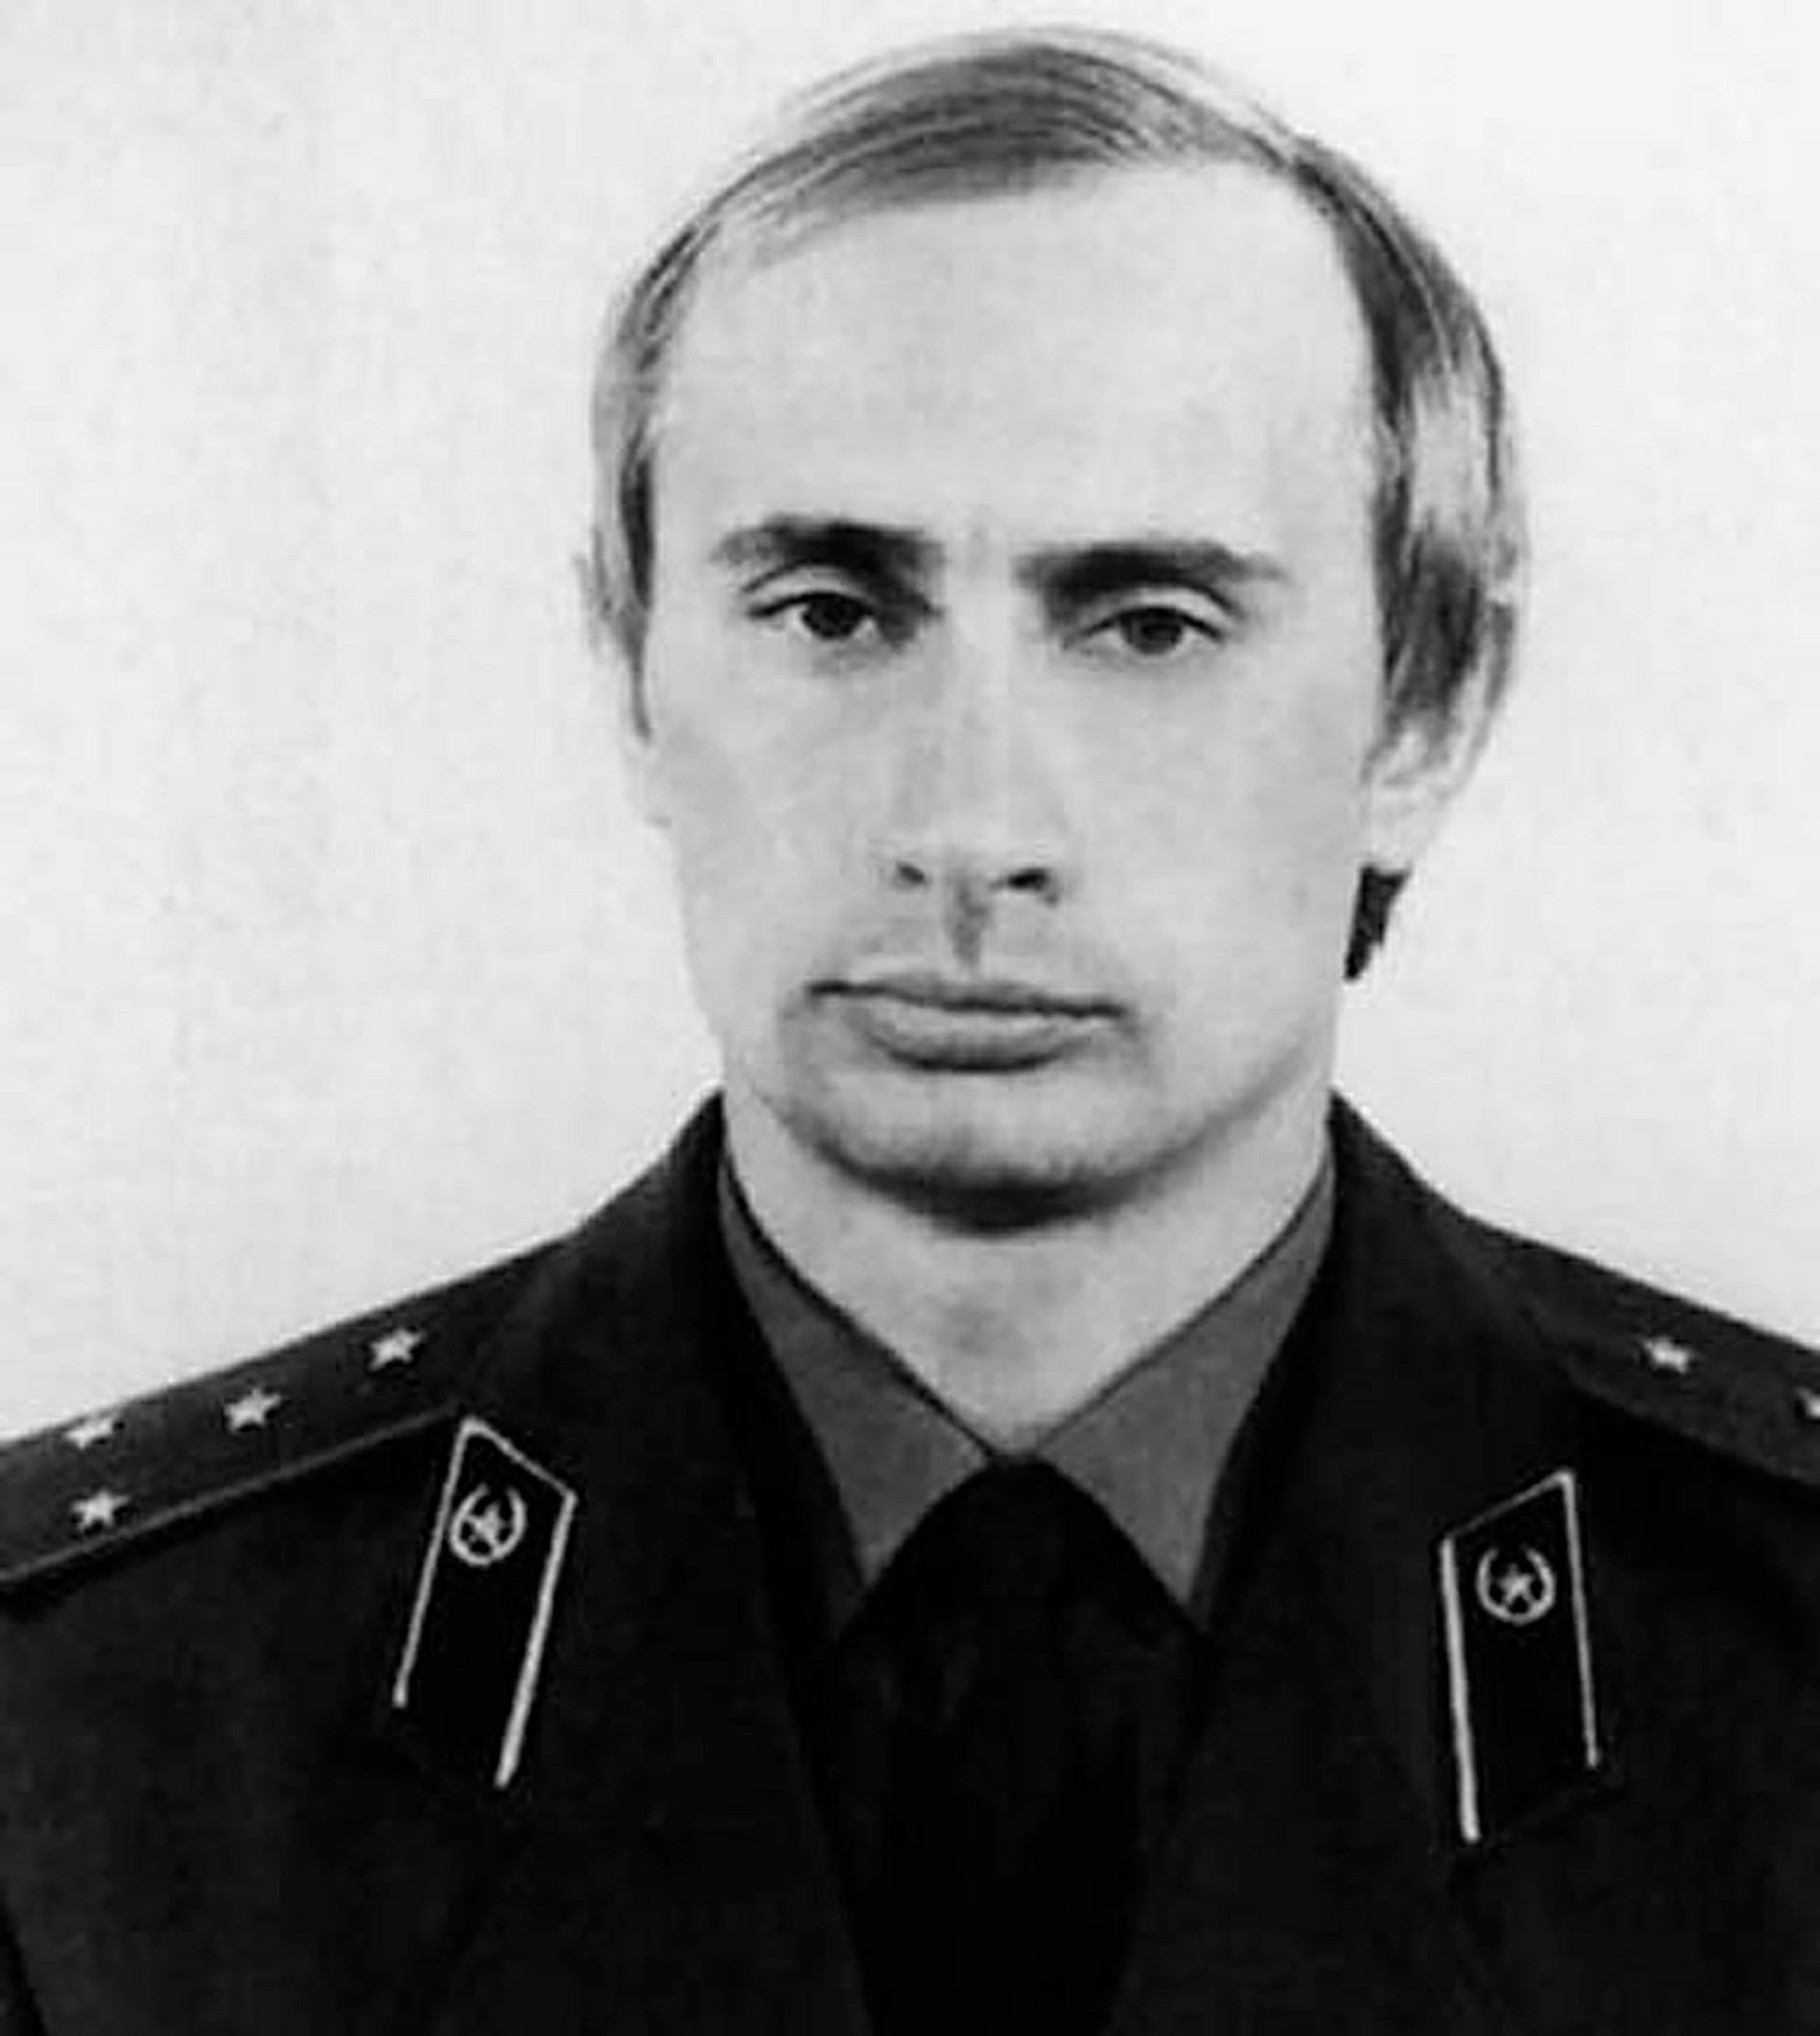 Vladímir Putin durante su serviccio en KGB, los años 1980.